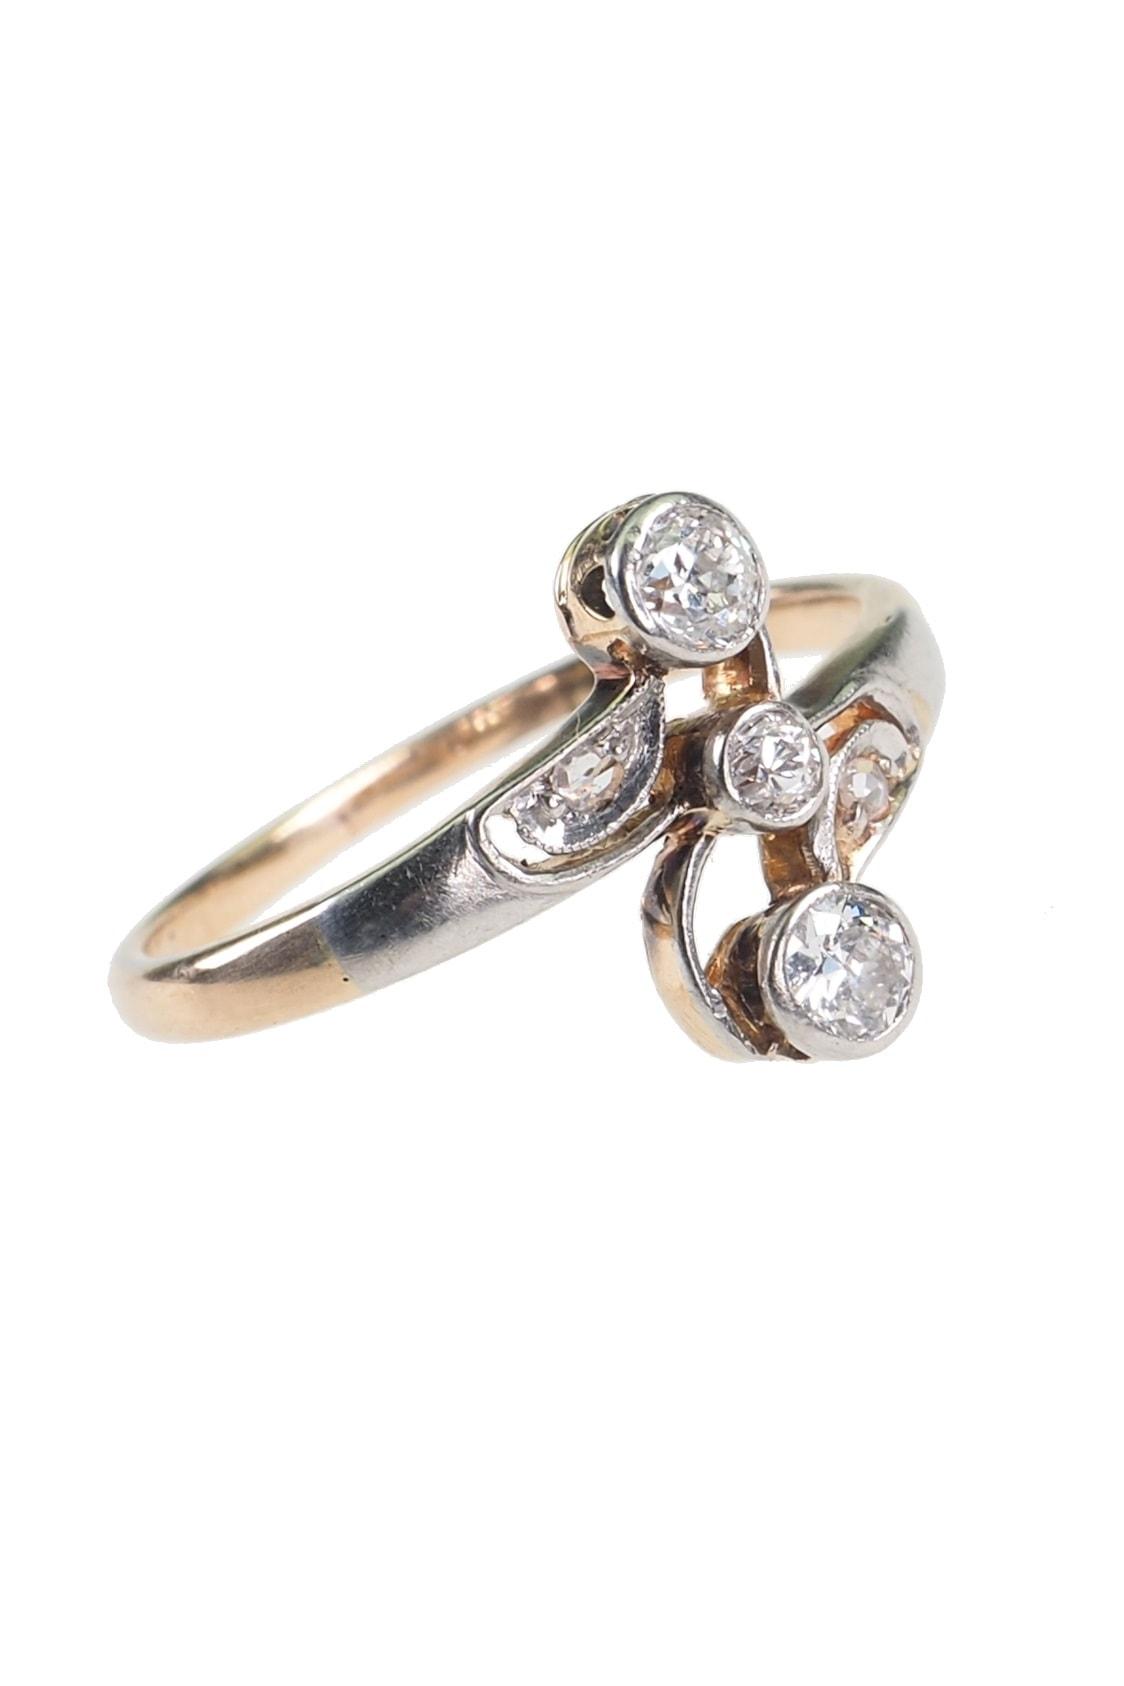 Verlobungsringe-online-kaufen-1175a